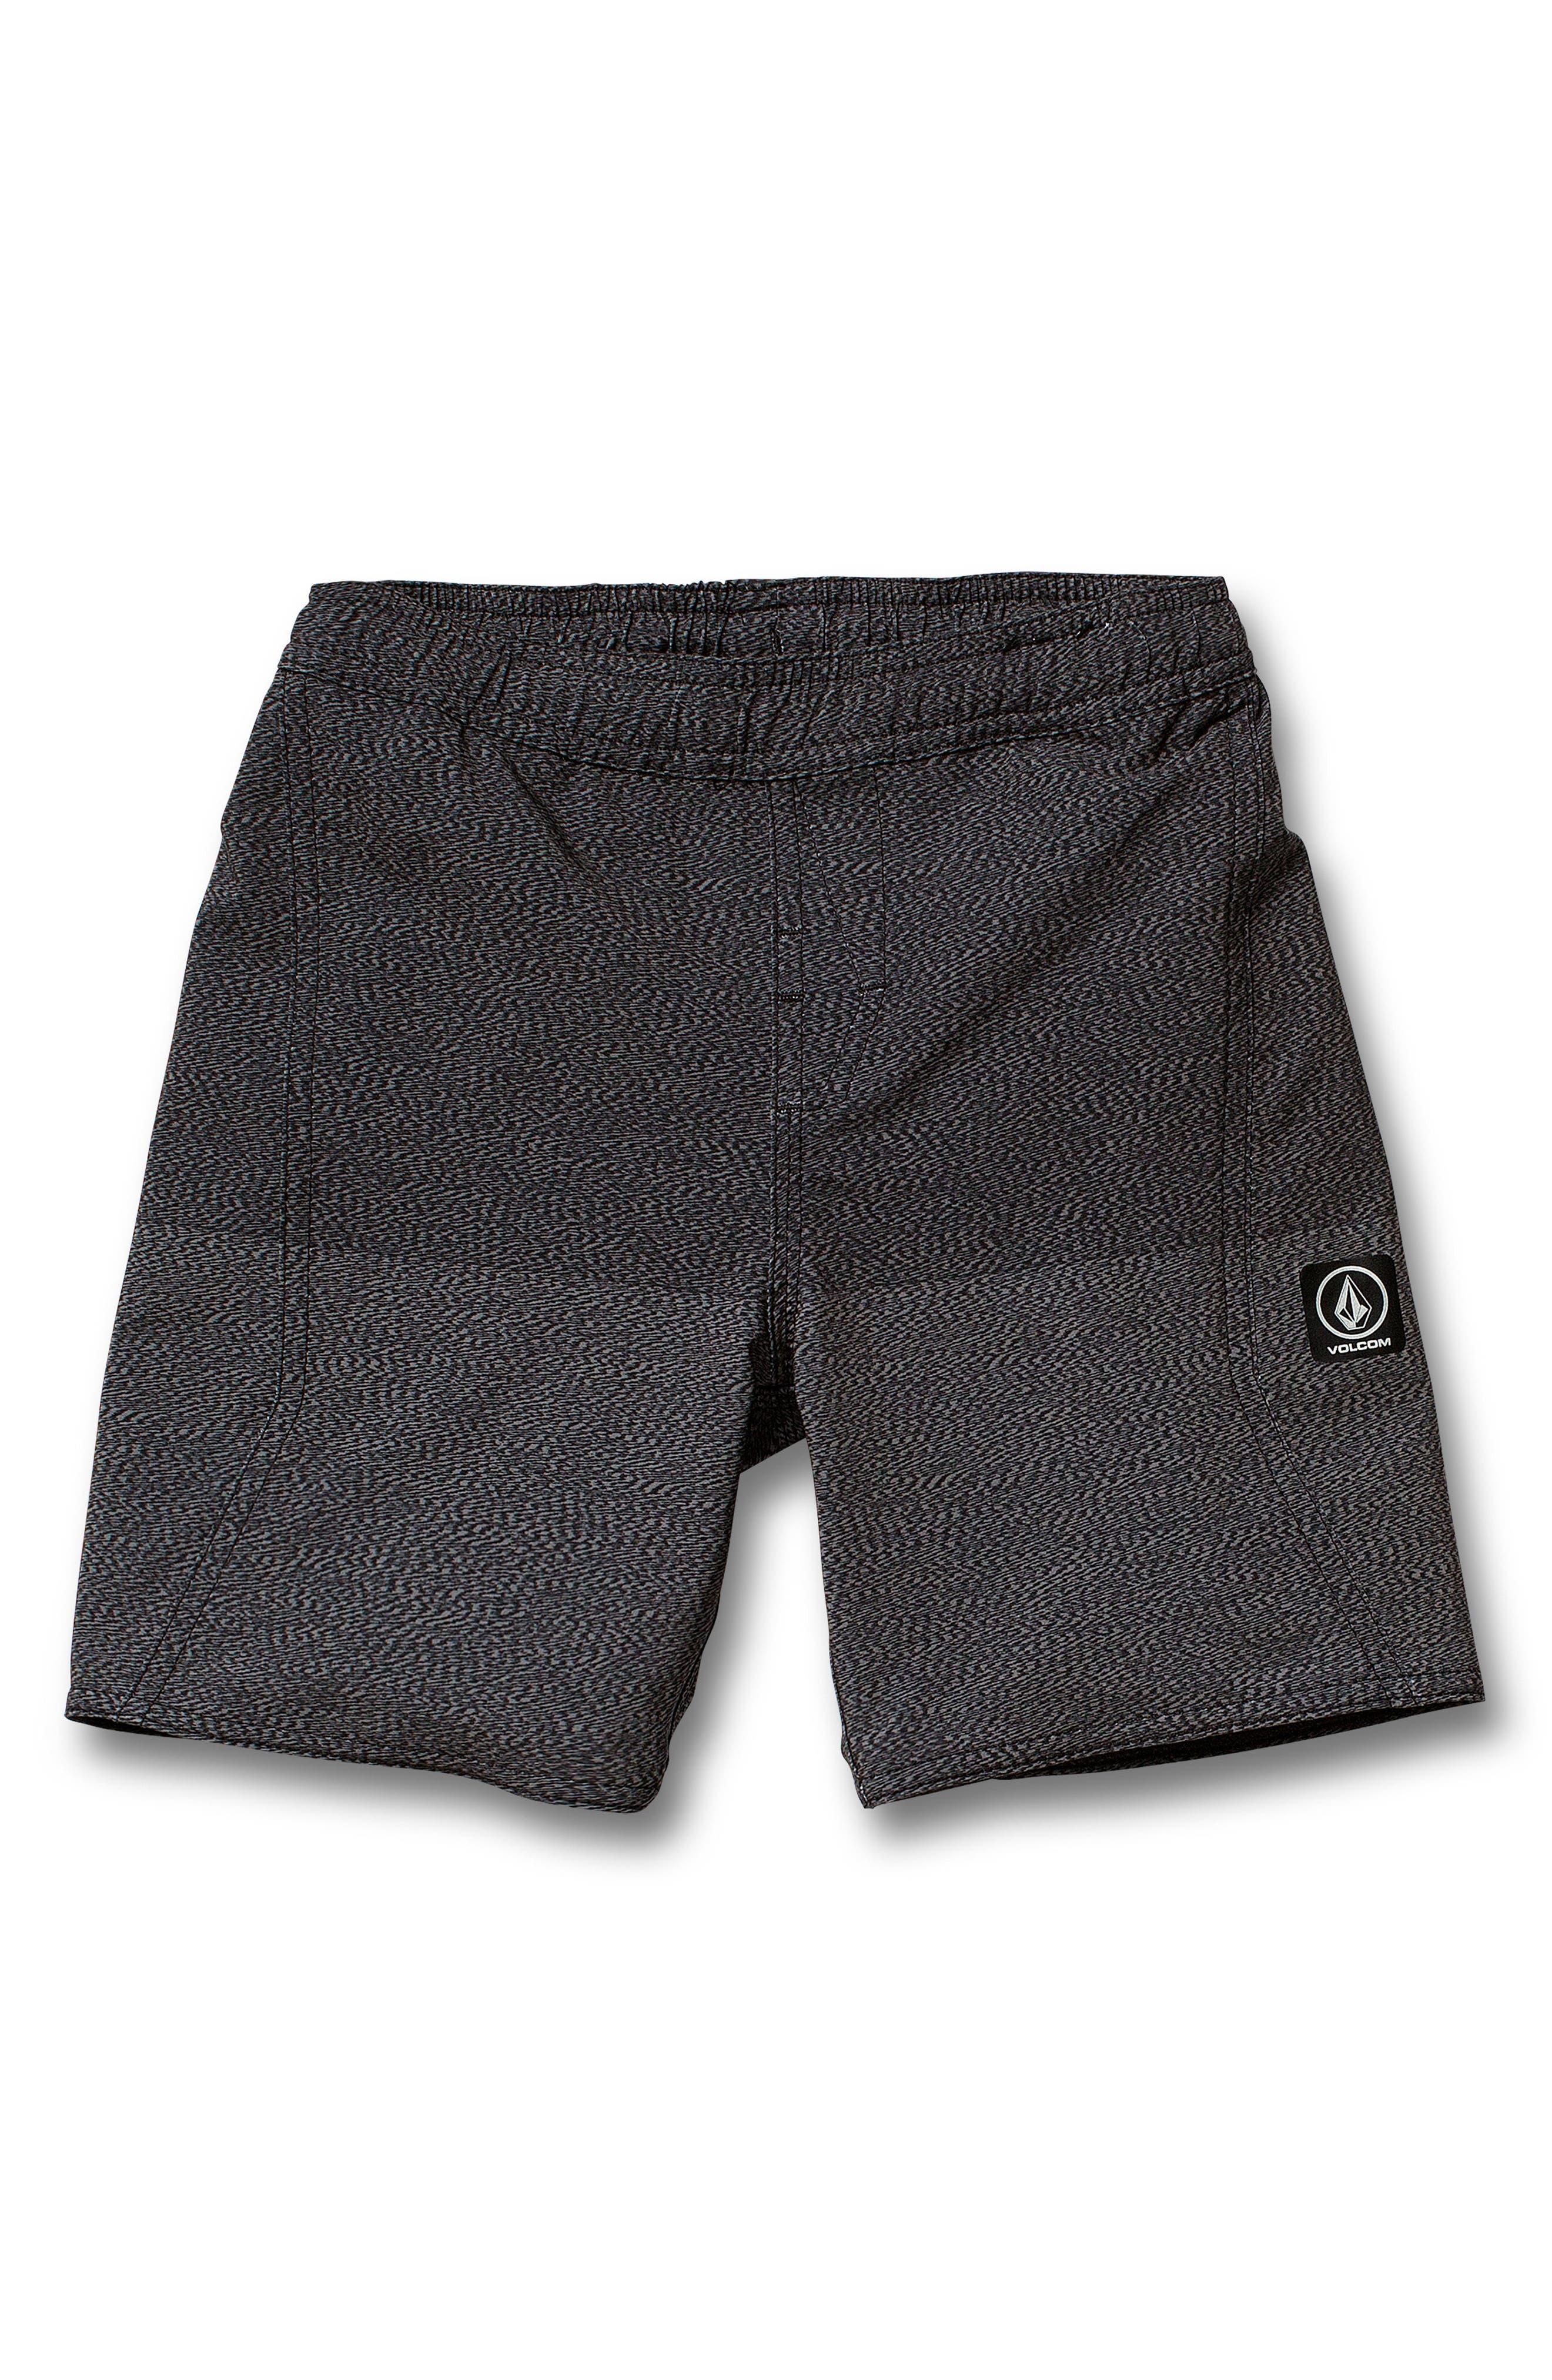 Lido Volley Swim Shorts,                             Main thumbnail 1, color,                             BLACK